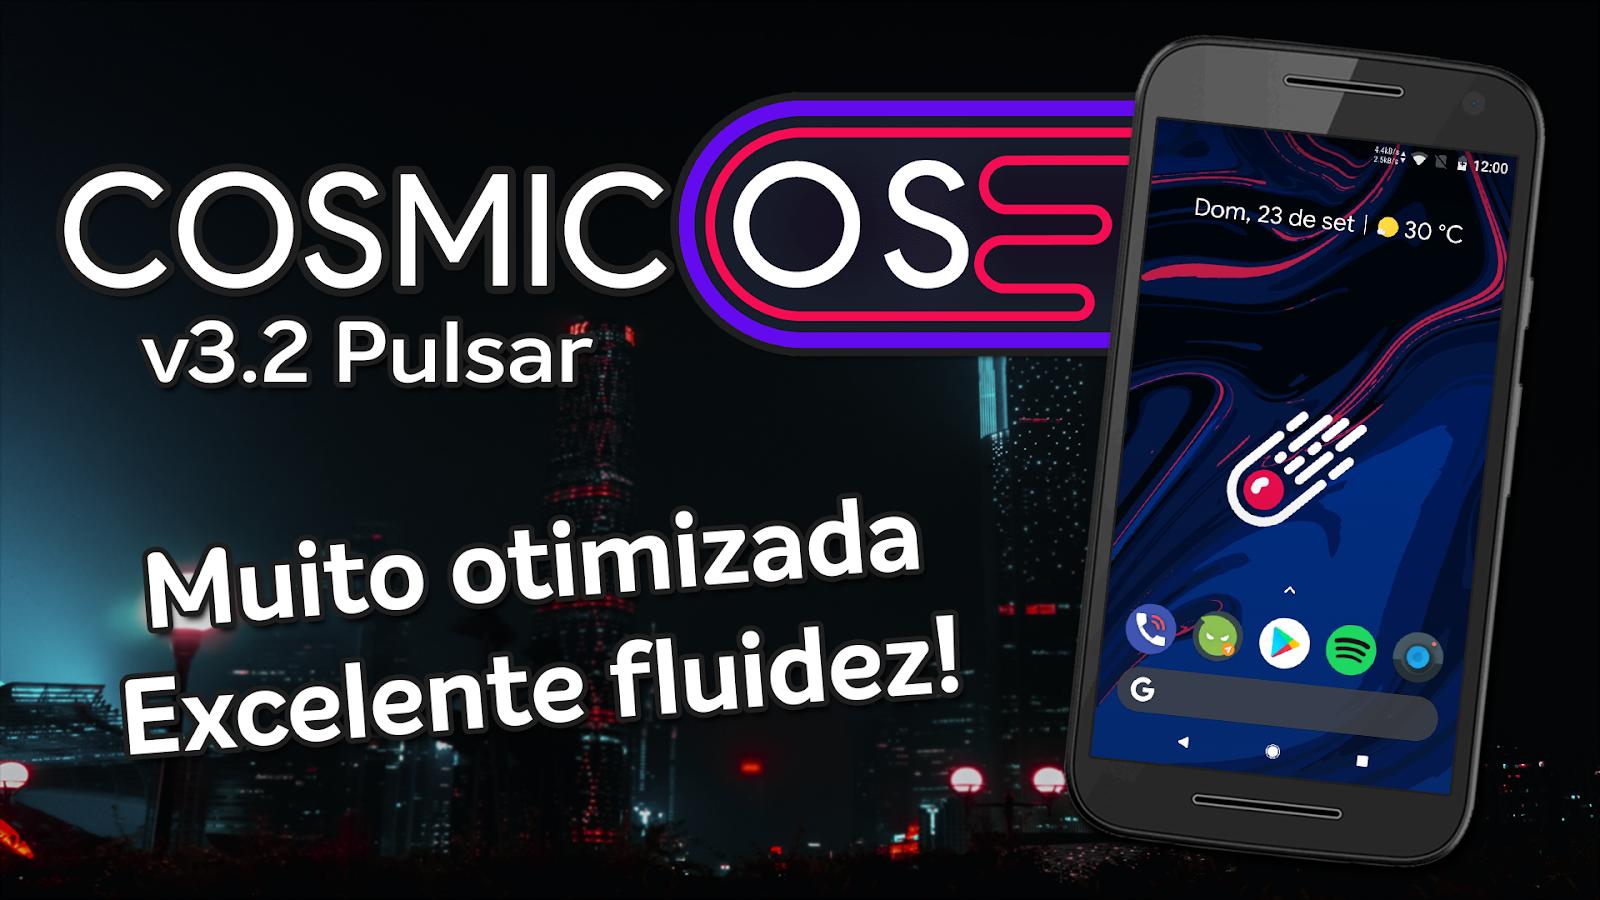 Cosmic OS v3 2 Pulsar | Android 8 1 0 Oreo | ROM OTIMIZADA! Motorola